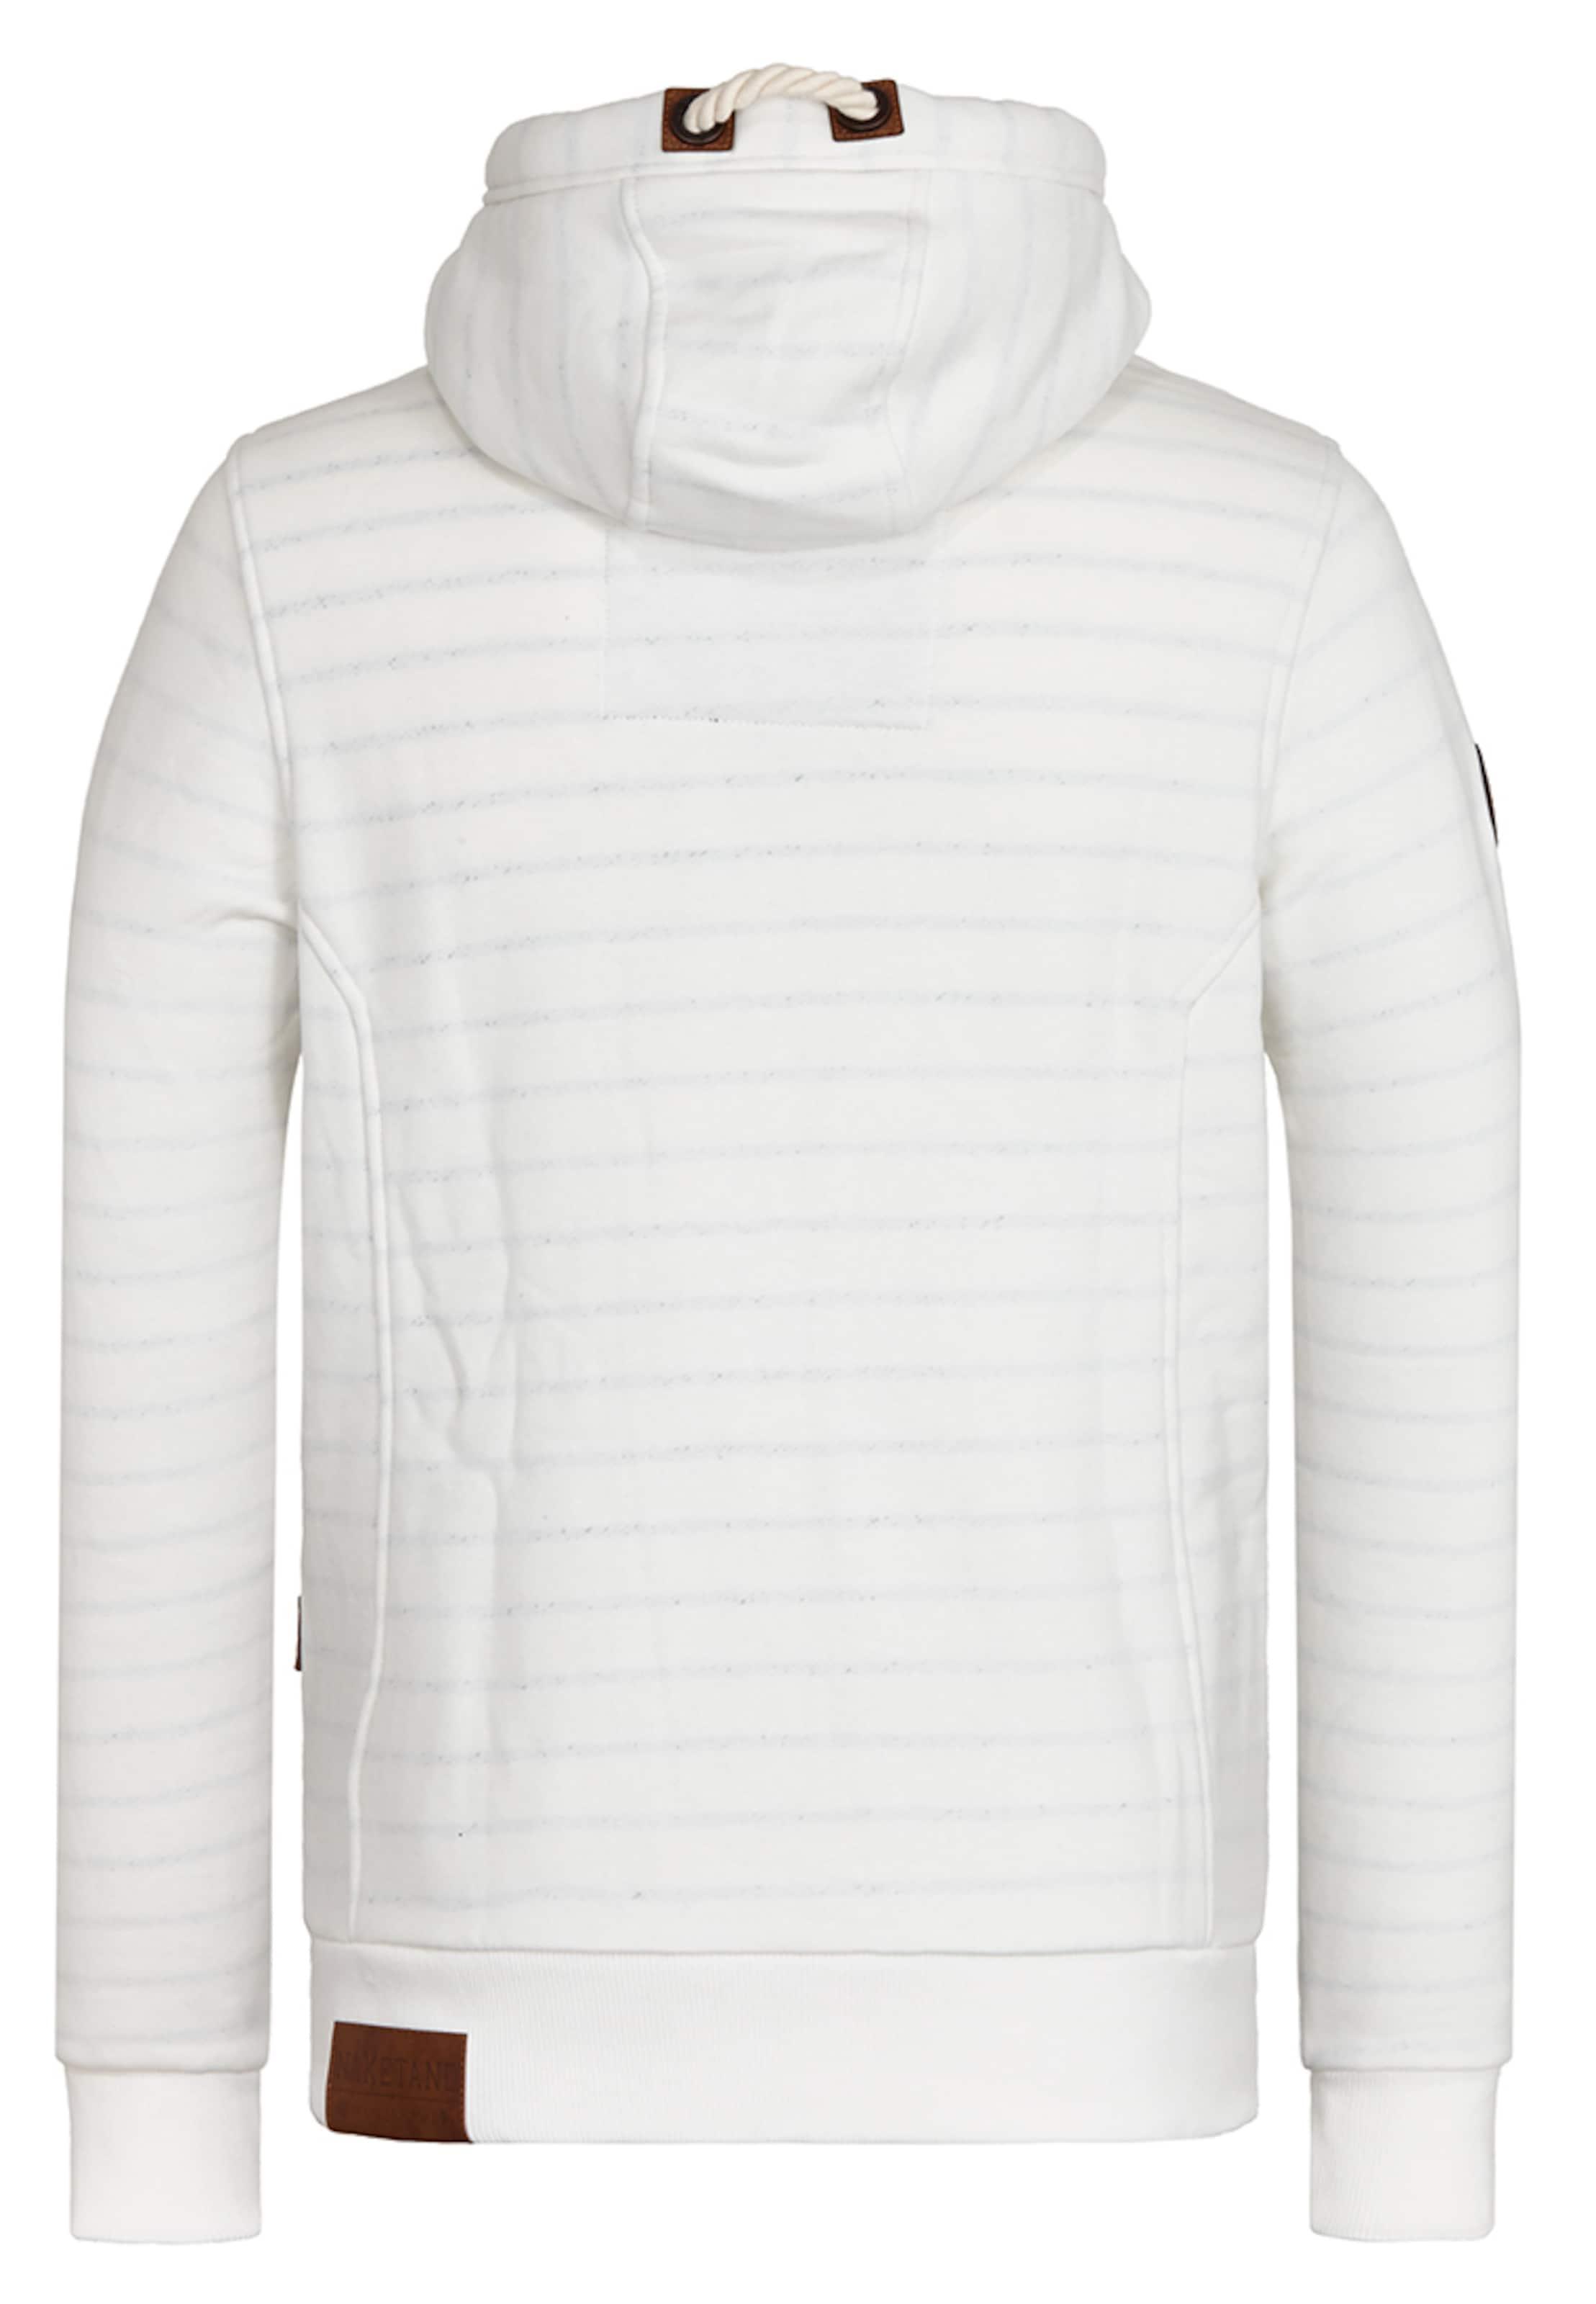 naketano Male Zipped Jacket Surfen Günstig Online Fabrikverkauf Rabatt 2018 Freies Verschiffen Finish Spielraum-Websites CwkOtN